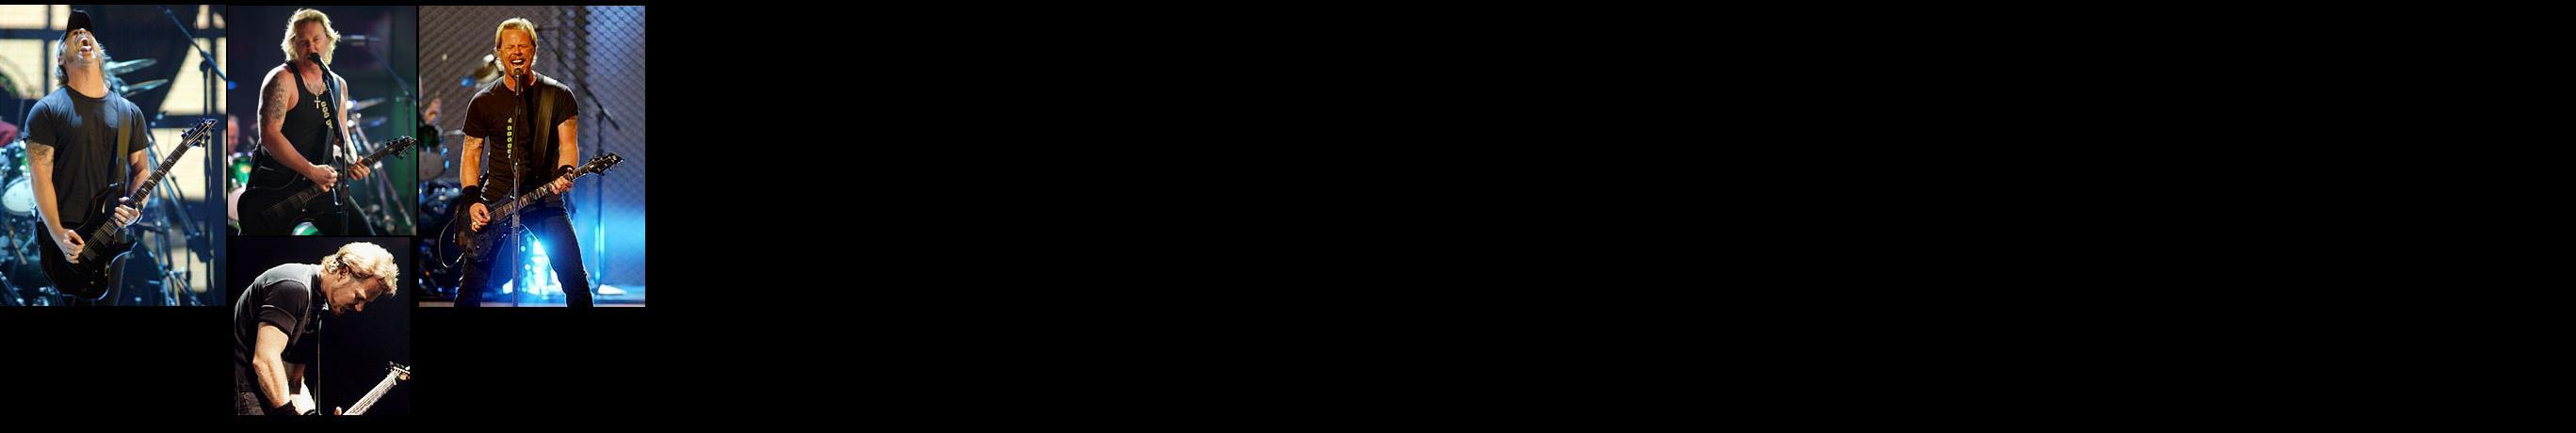 jamyzhz.1.jpg